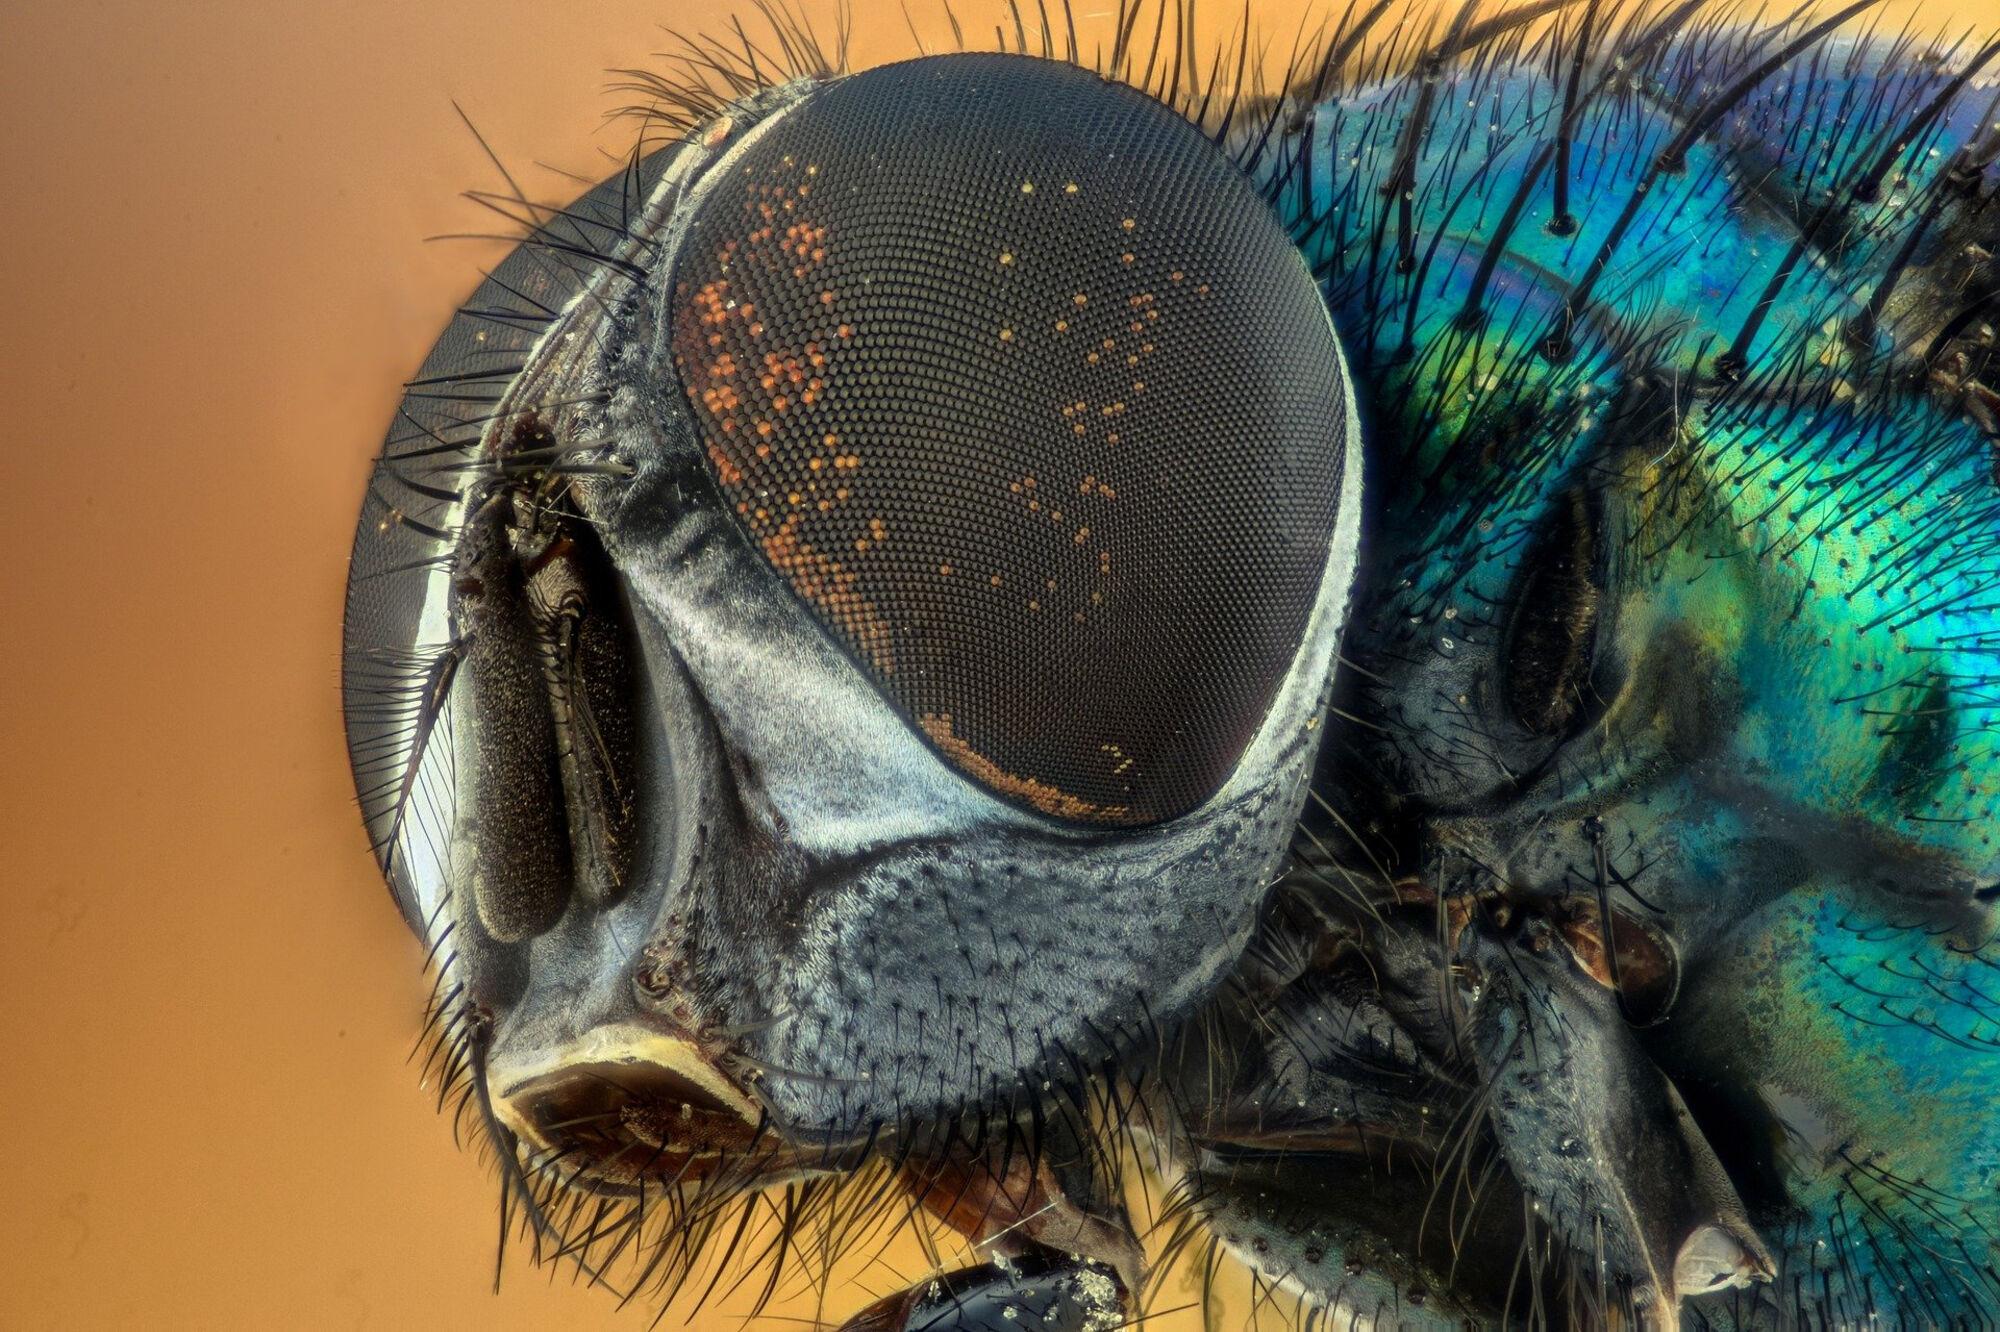 48 млн снимков дикой природы рассмотрели биологи иботаники